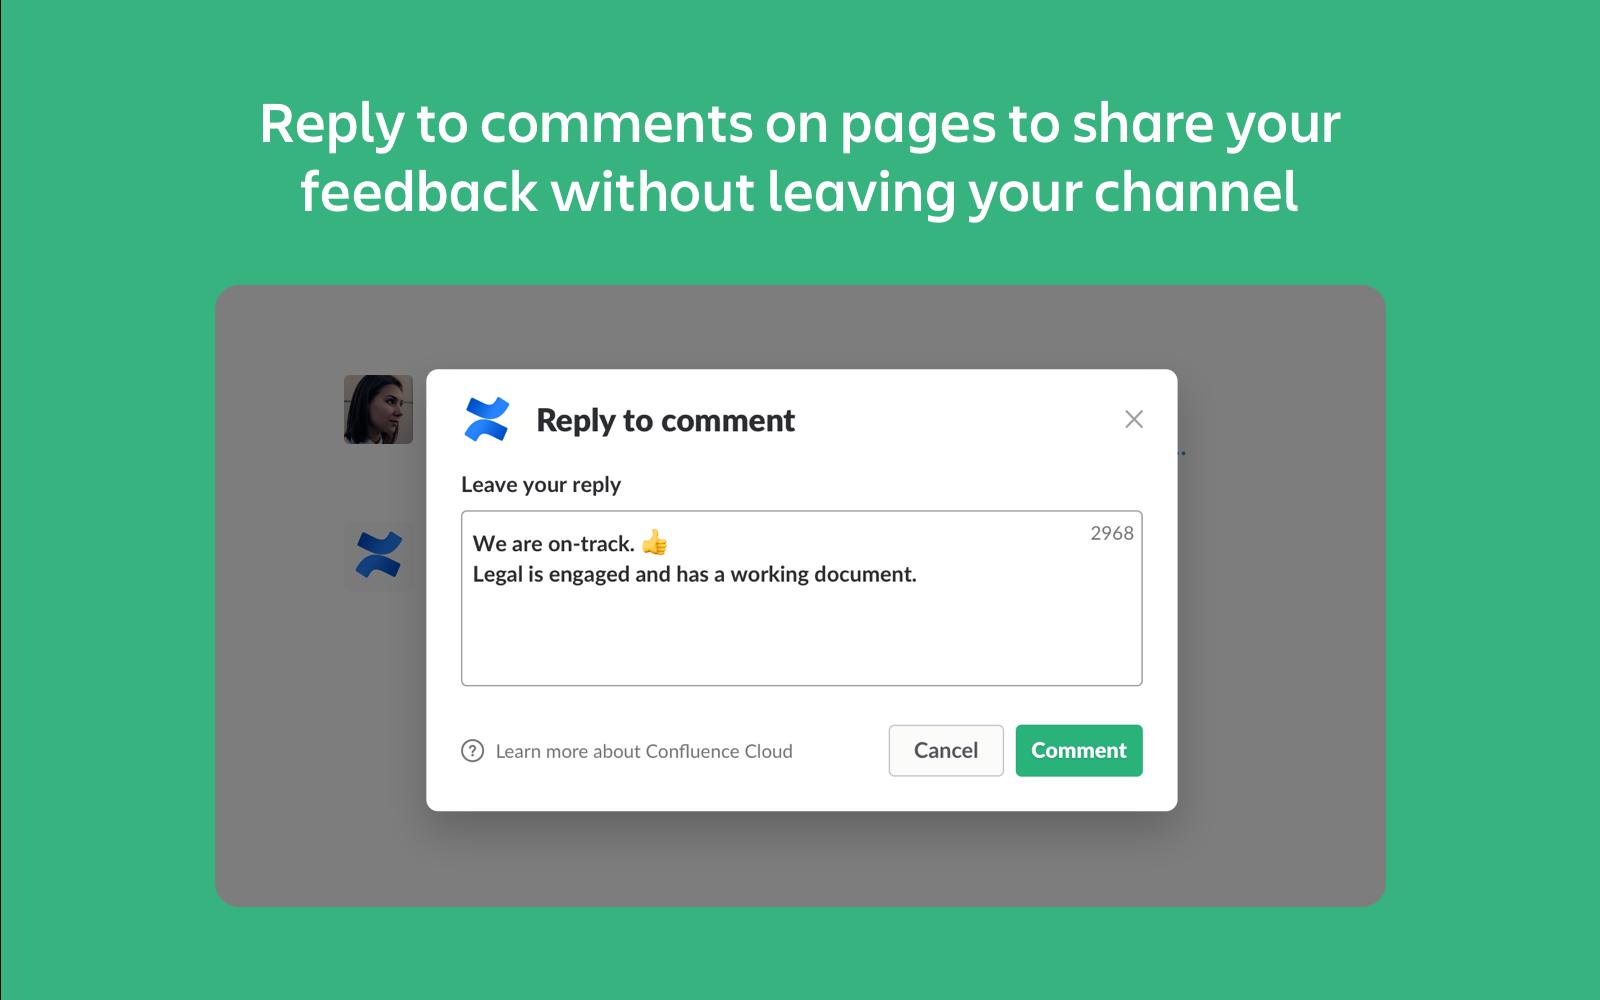 Odpowiadaj na komentarze na stronach Confluence bez opuszczania kanału Slack